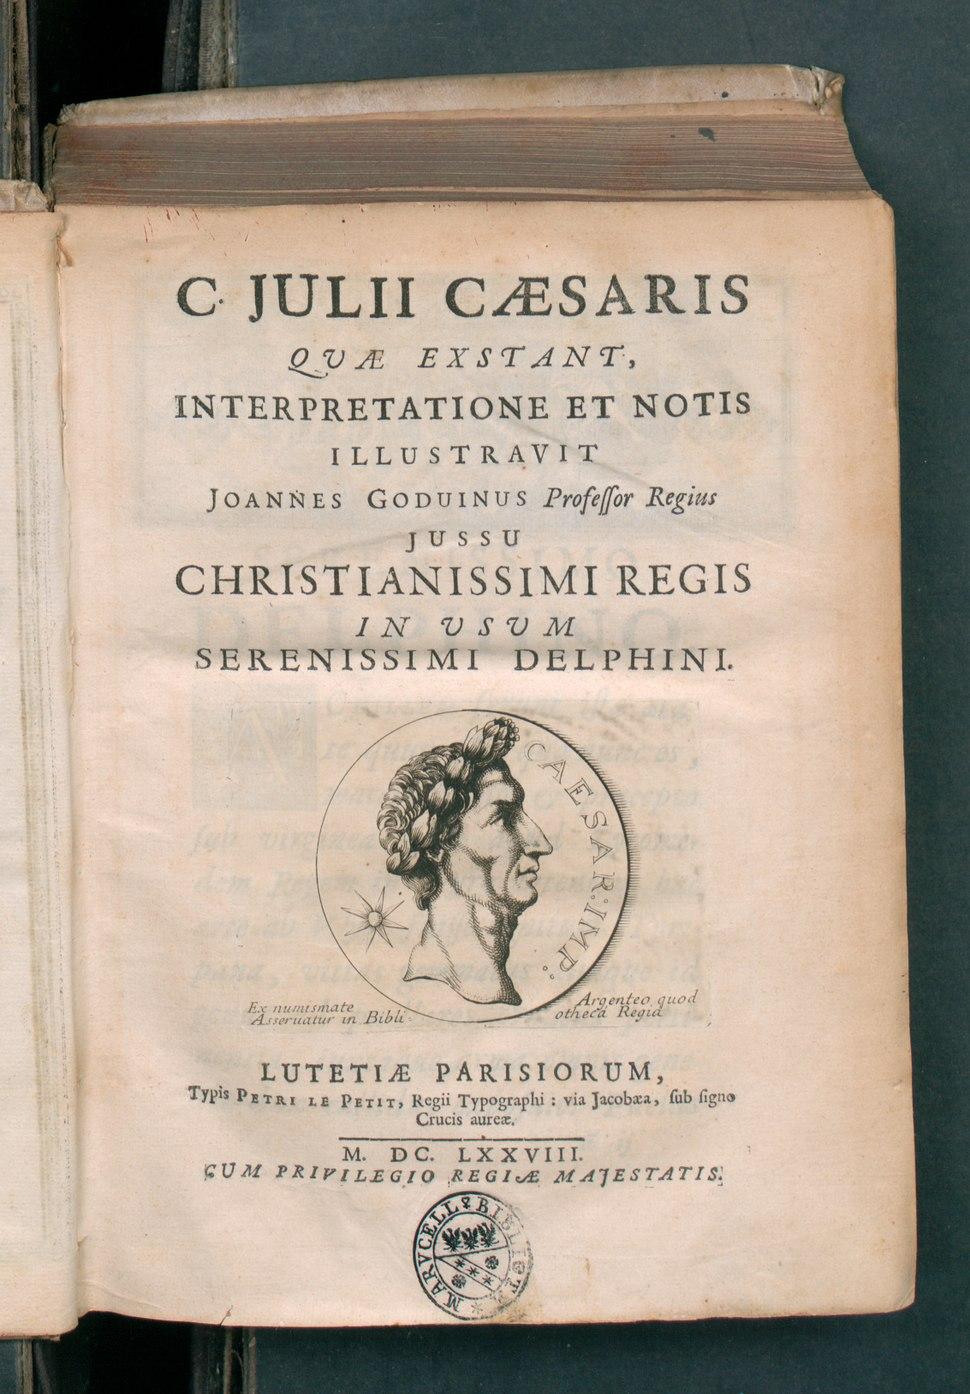 Julii Caesaris quae exstant